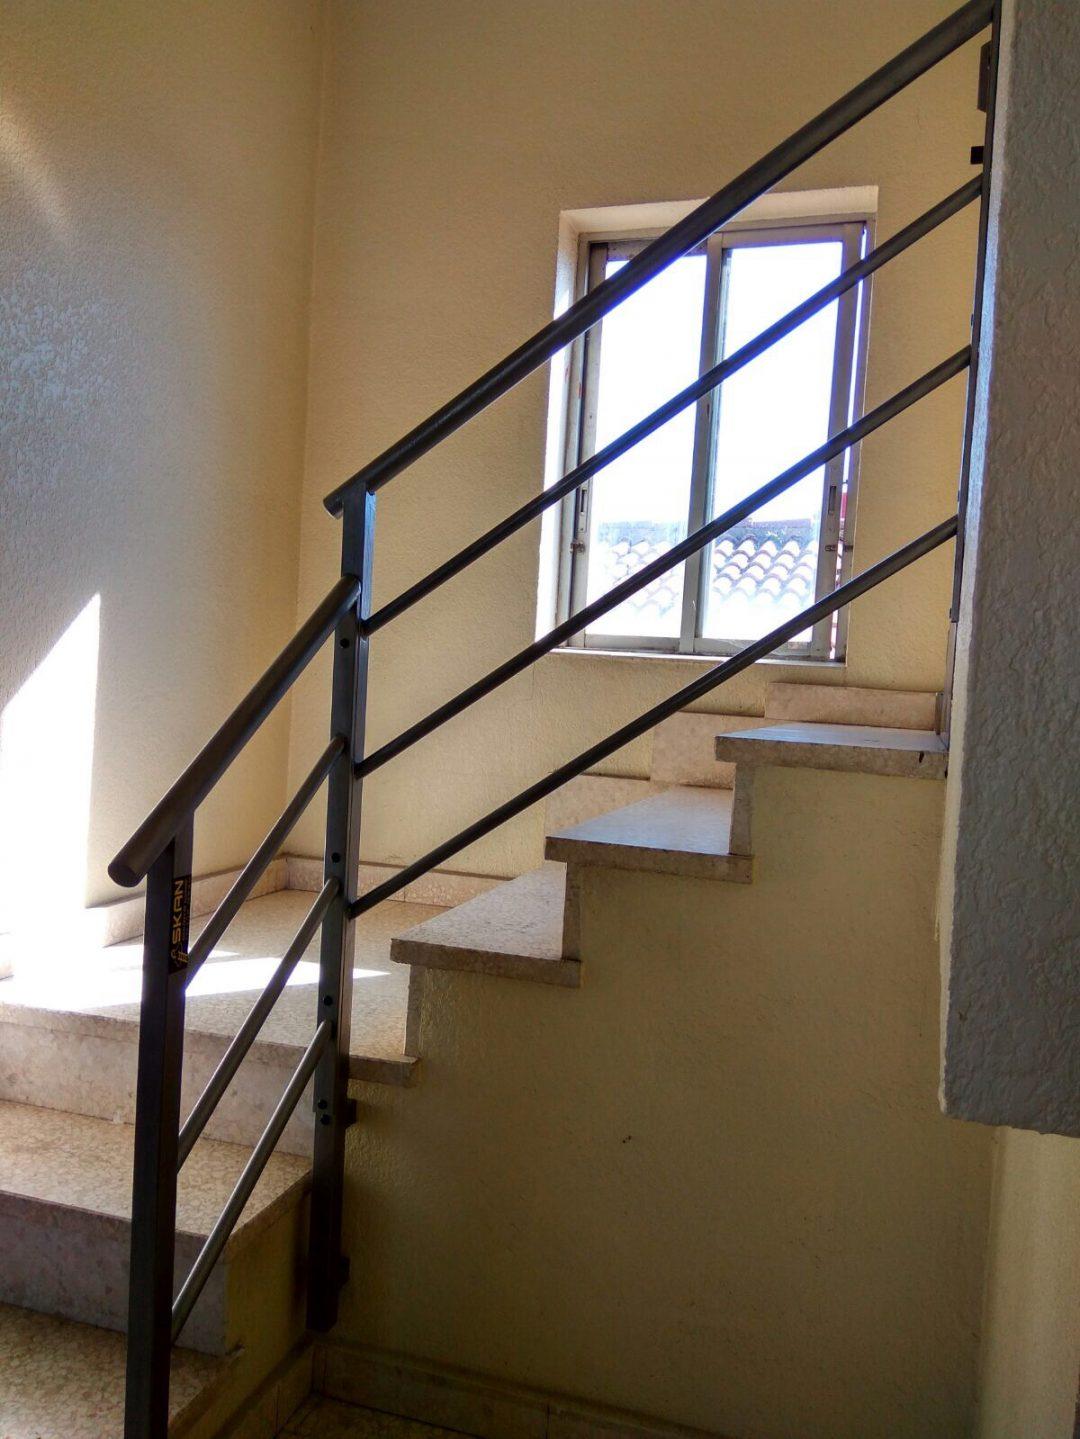 Barandillas Para Escaleras De Ccpp Skan - Barandillas-para-escaleras-interiores